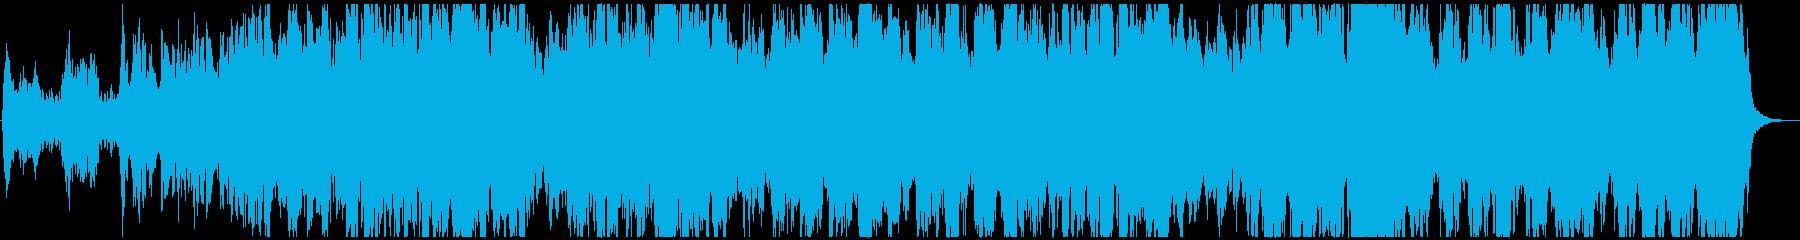 ワーグナー、「地獄の黙示録」で有名な曲の再生済みの波形